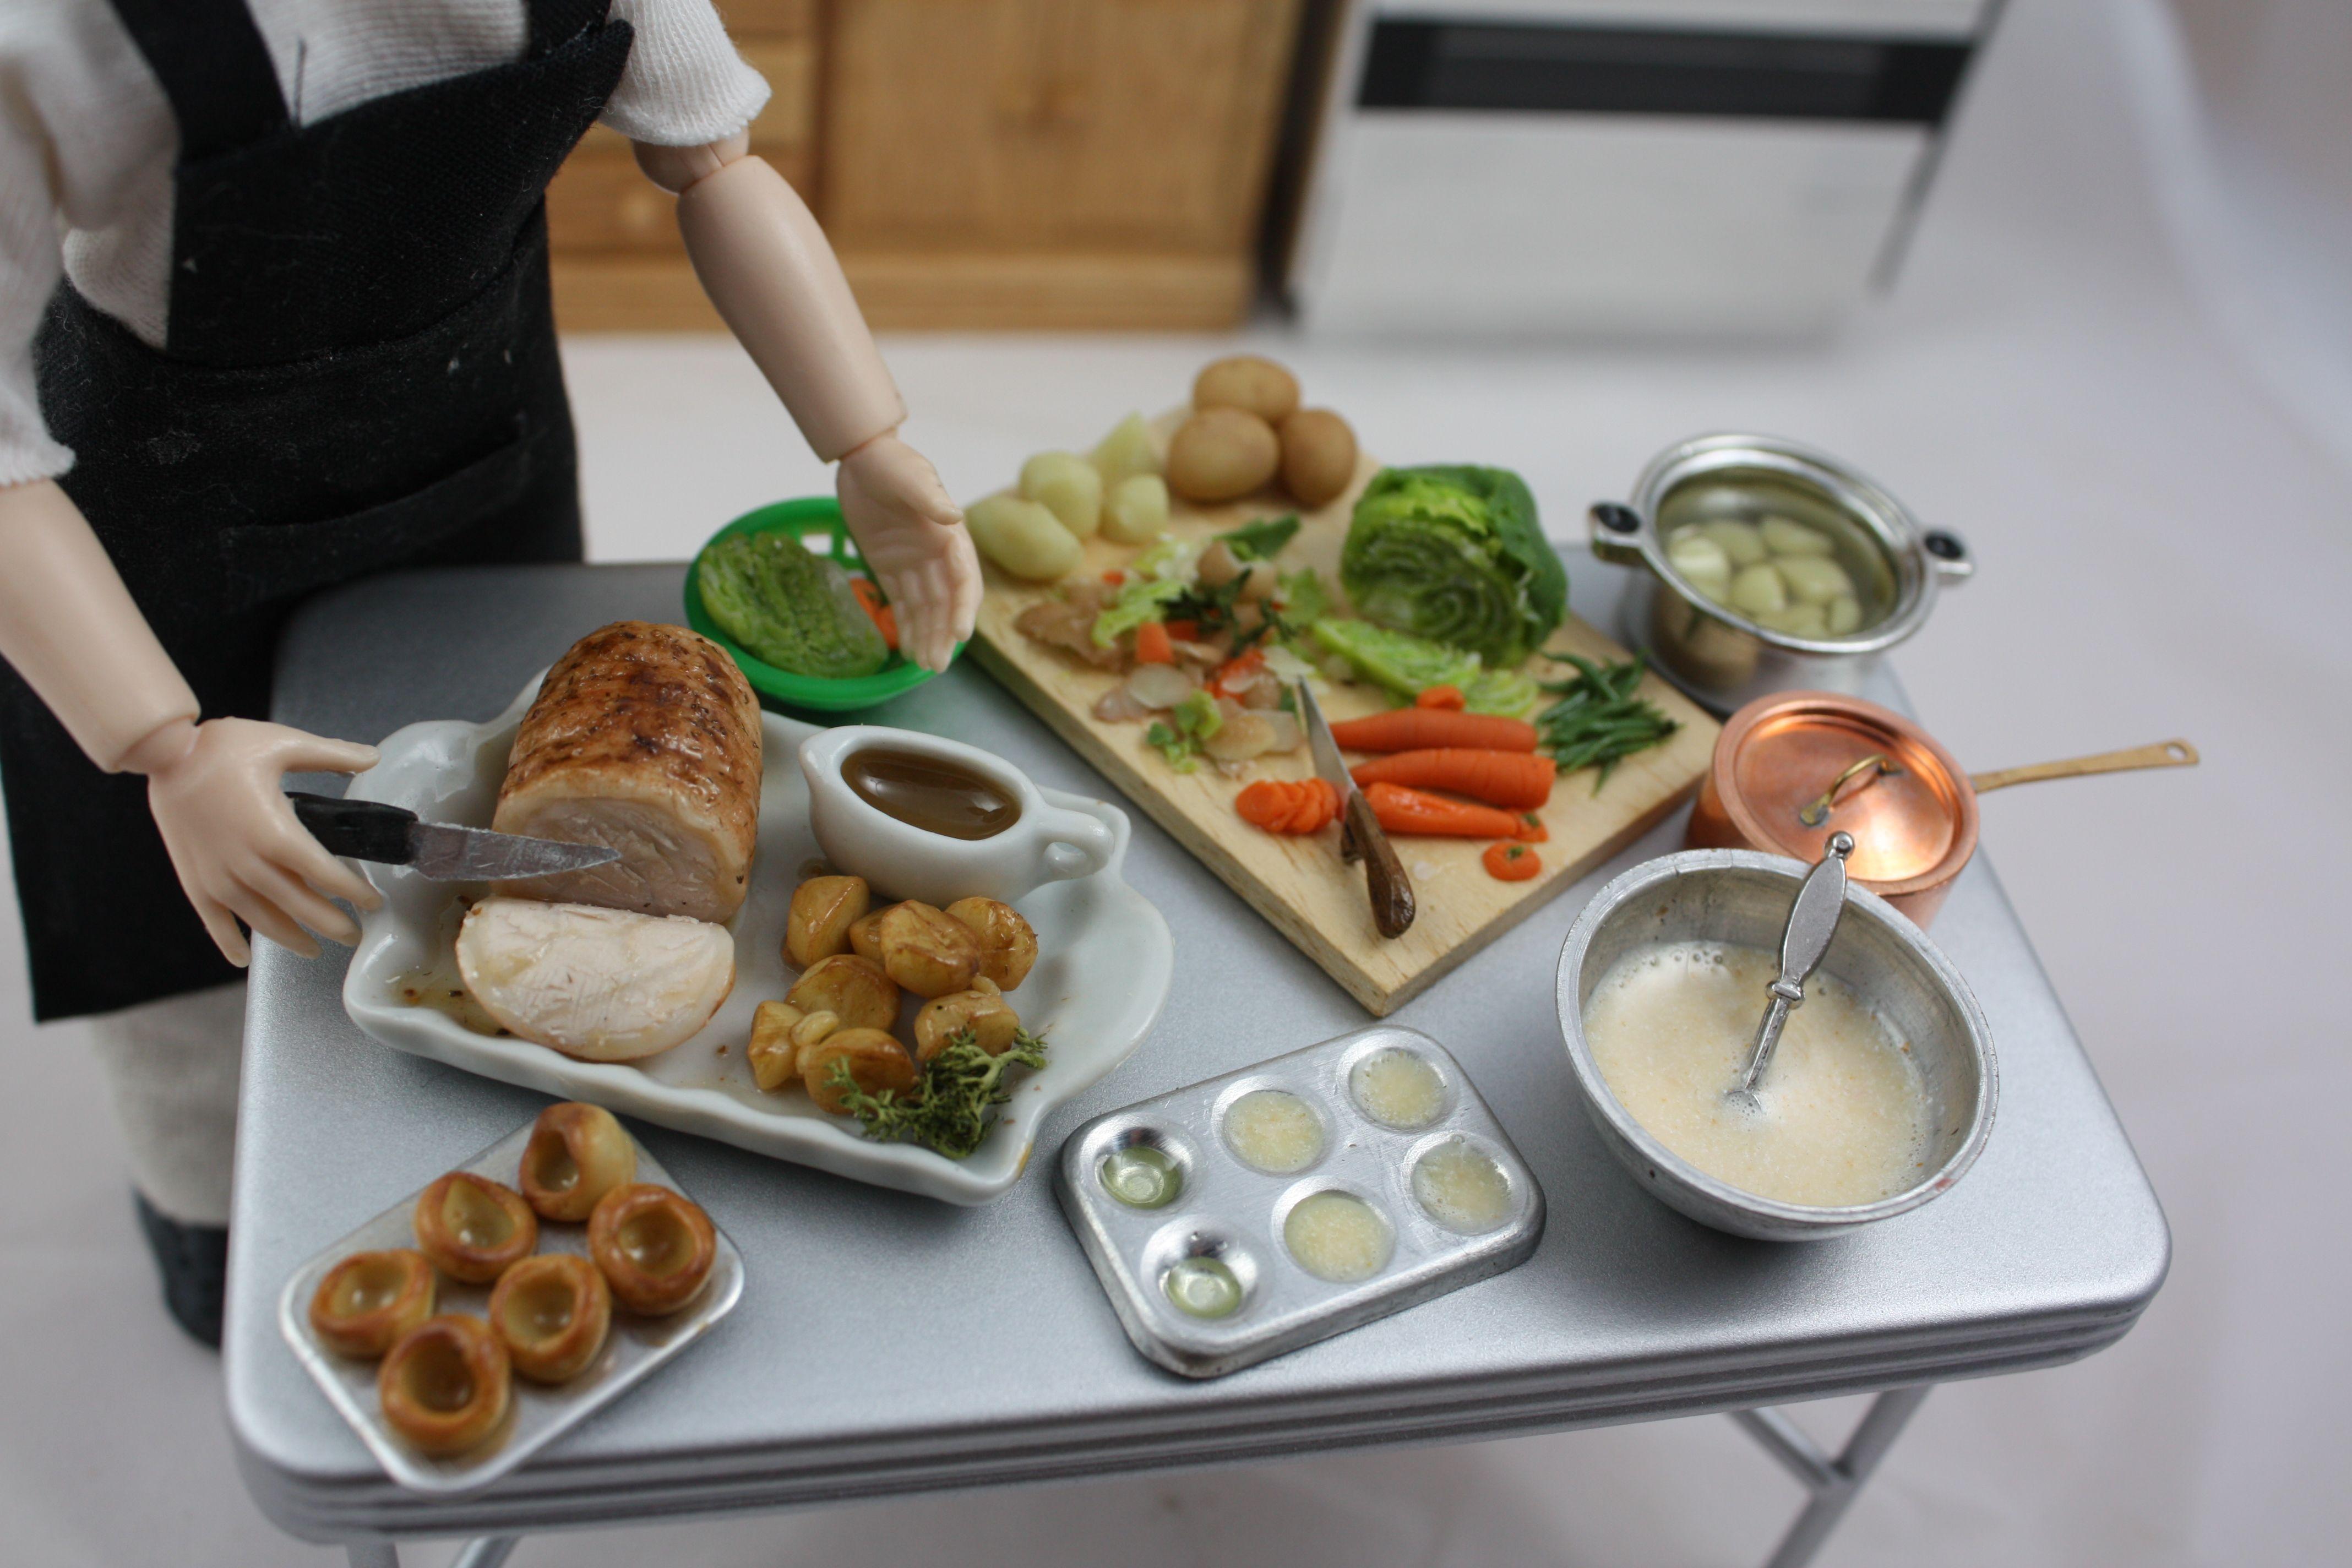 Küche stößt auf ideen dolls house food  miniature food roast dinner kitchen scene th